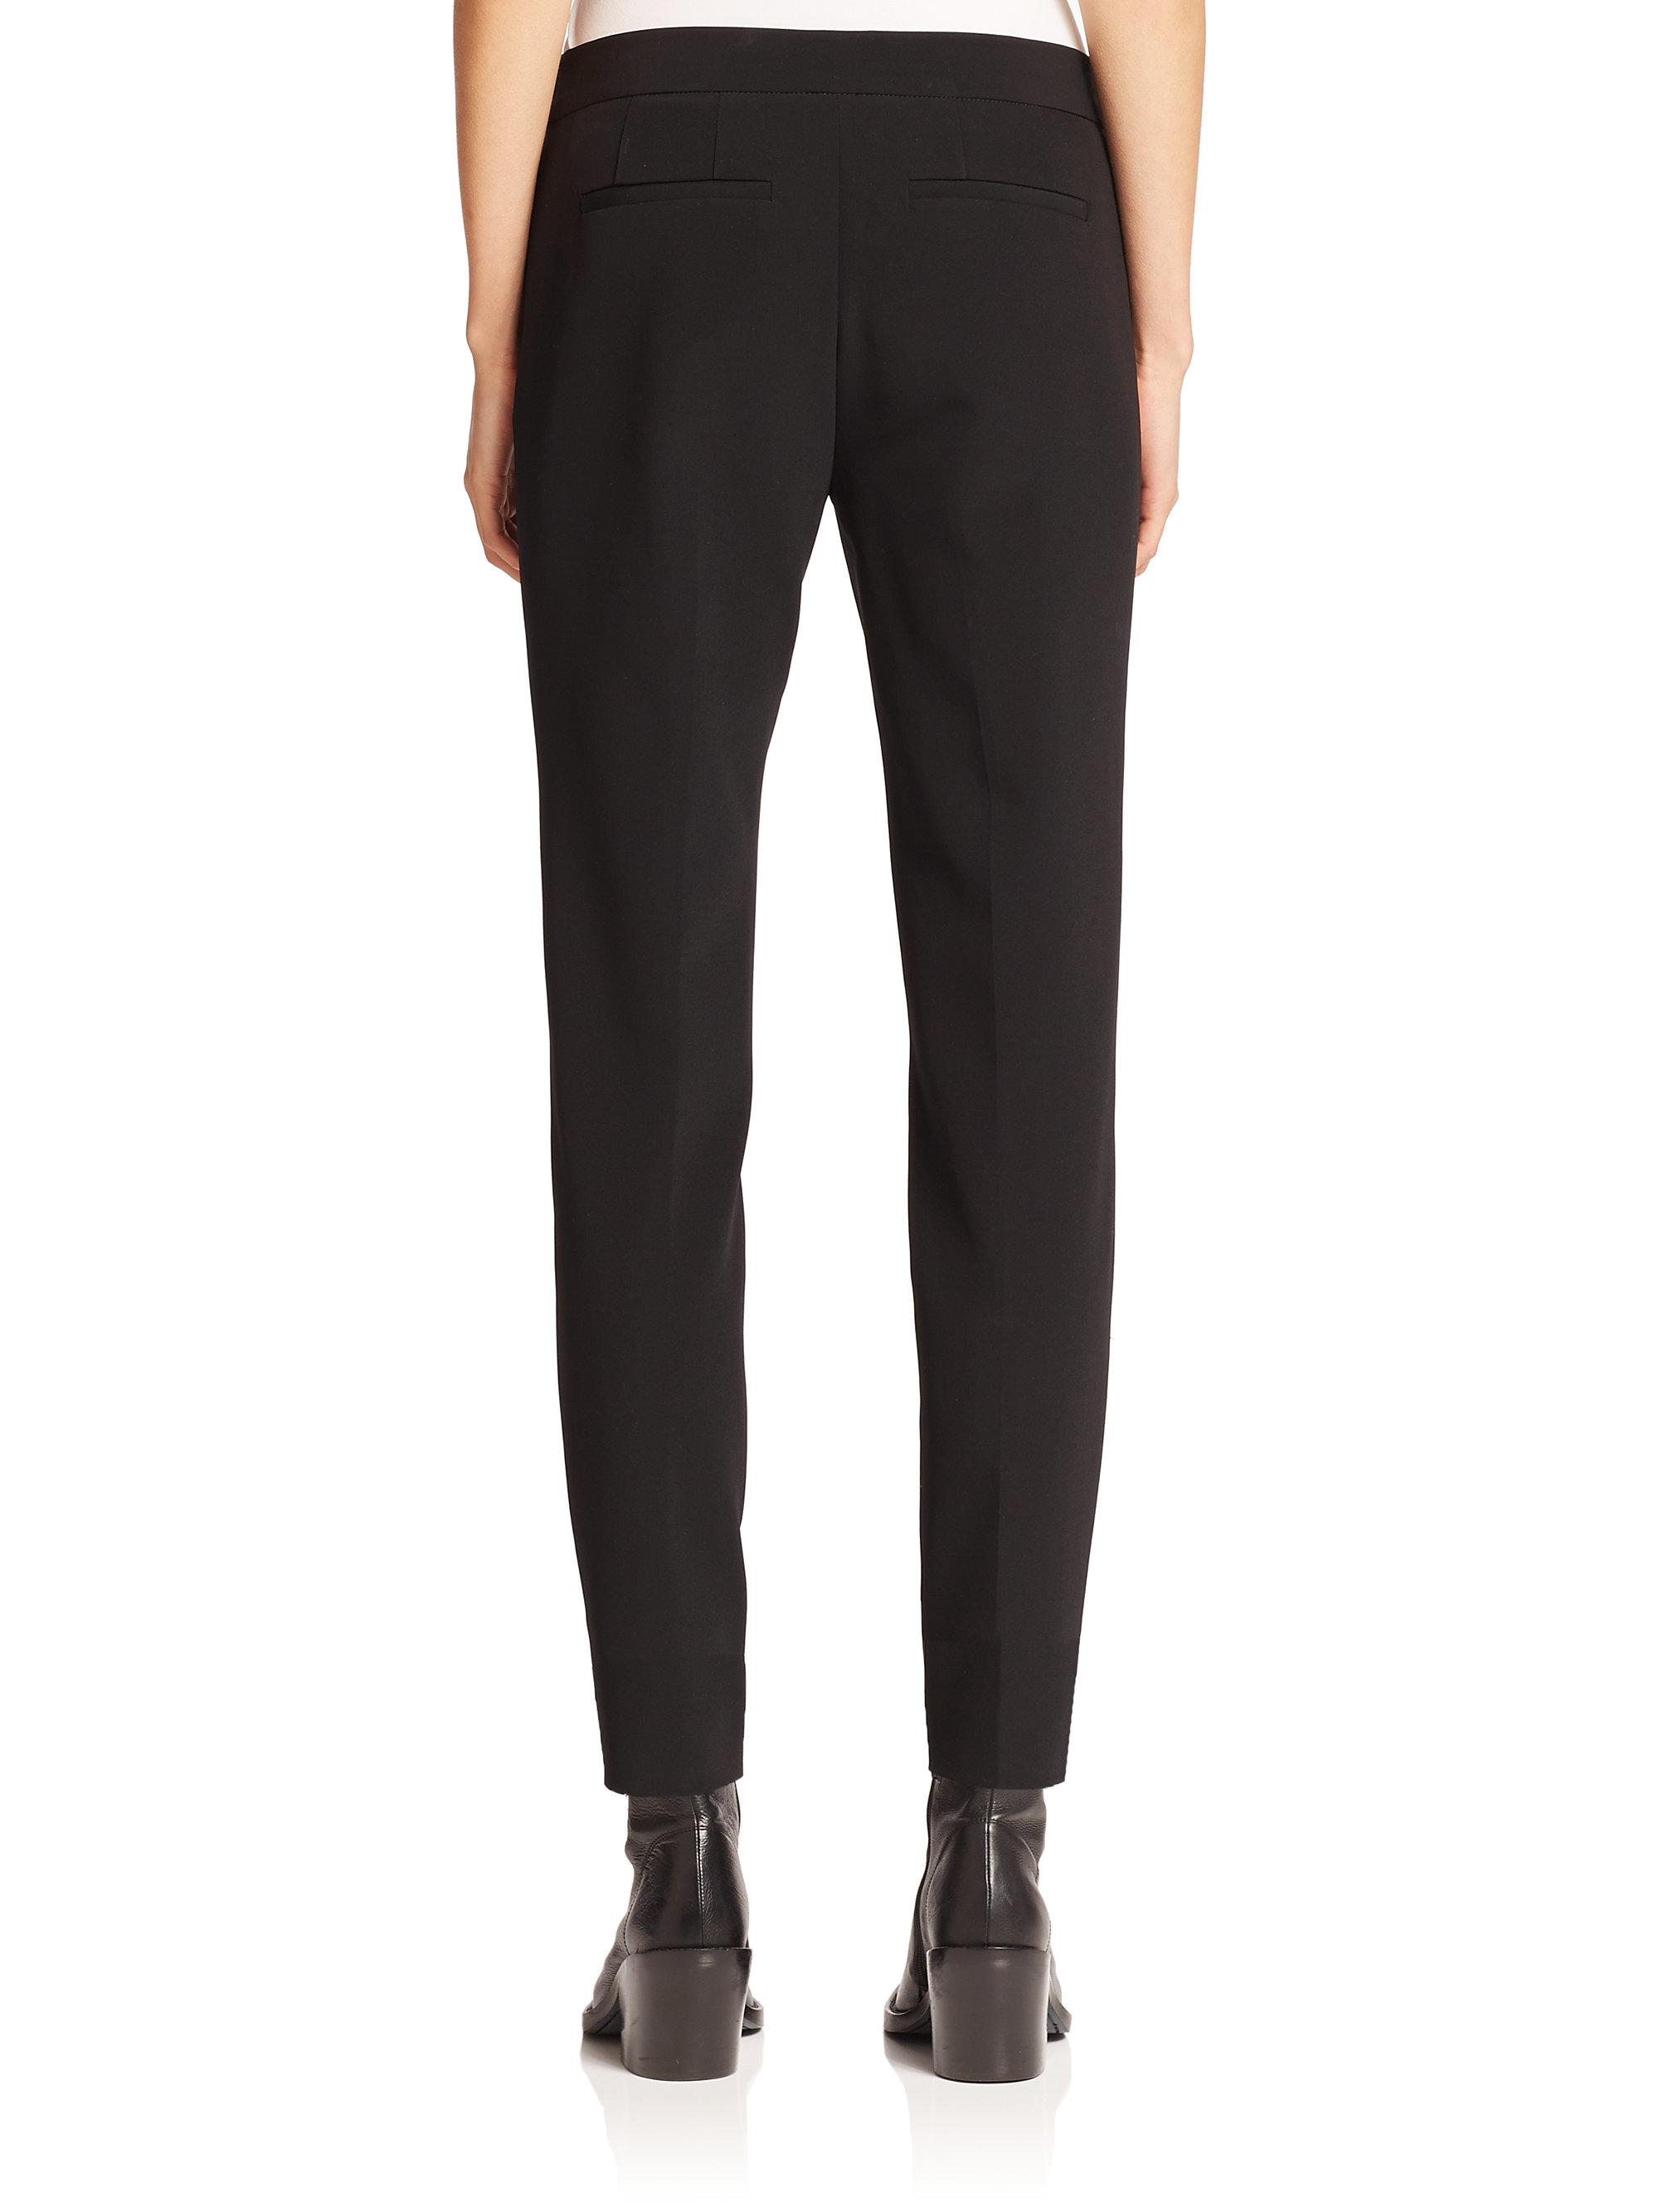 Lyst Dkny Side Zip Knit Pants In Black